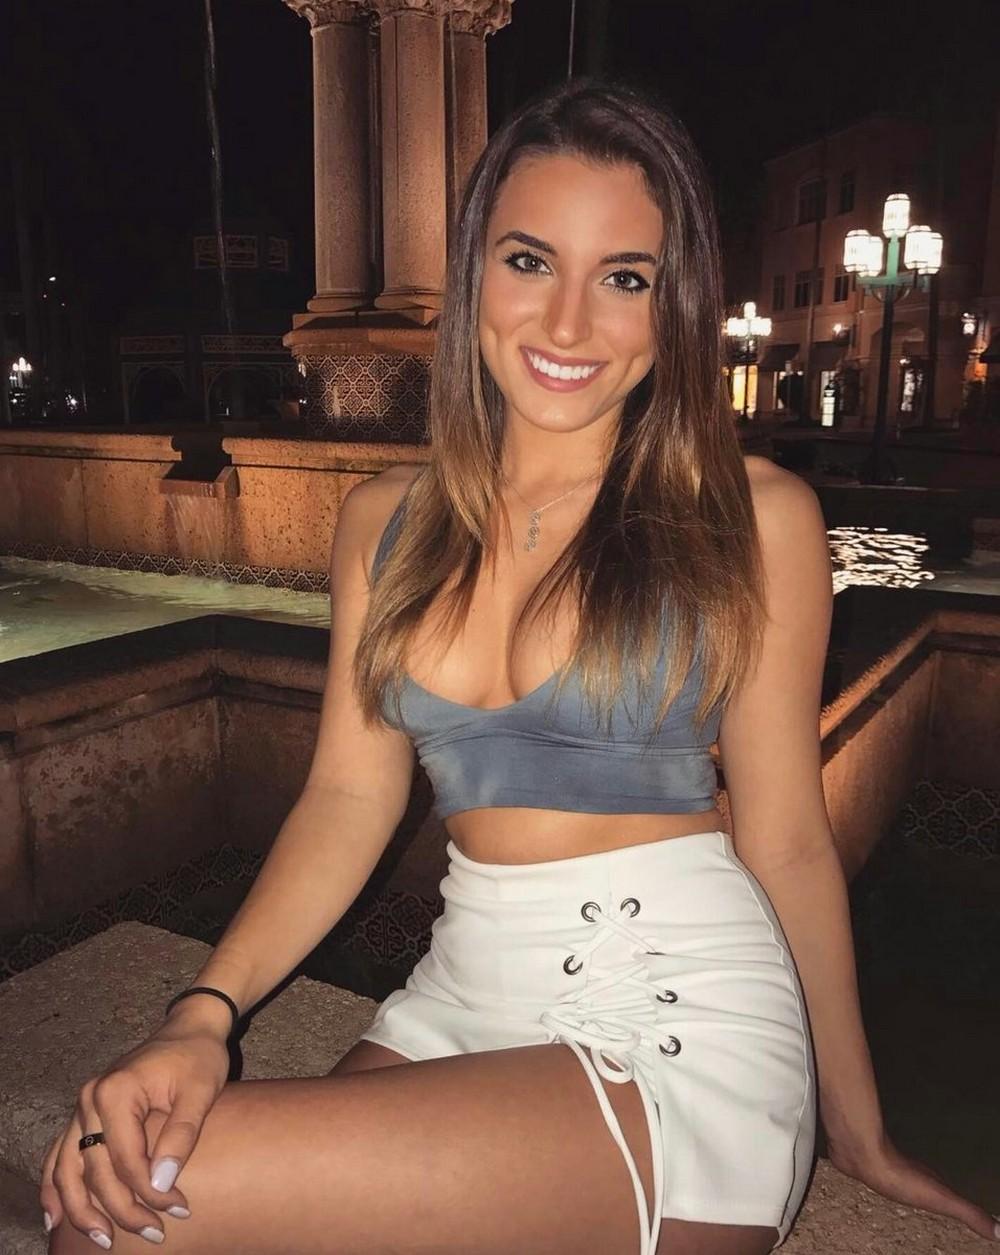 секс фото 20 летний девушка огромный сиськами